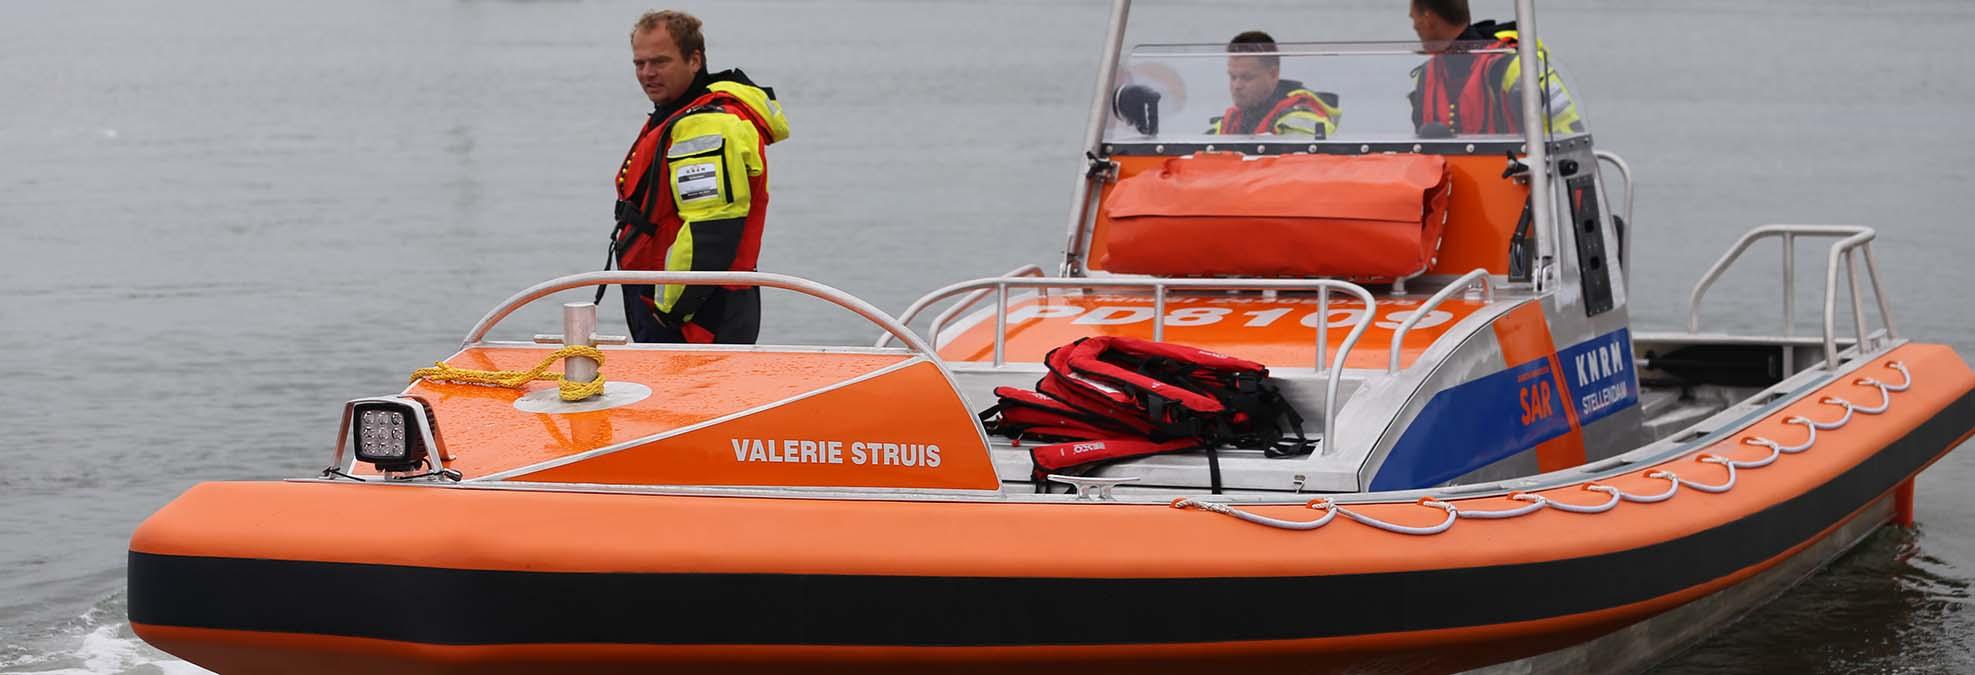 Reddingboot Valerie Struis